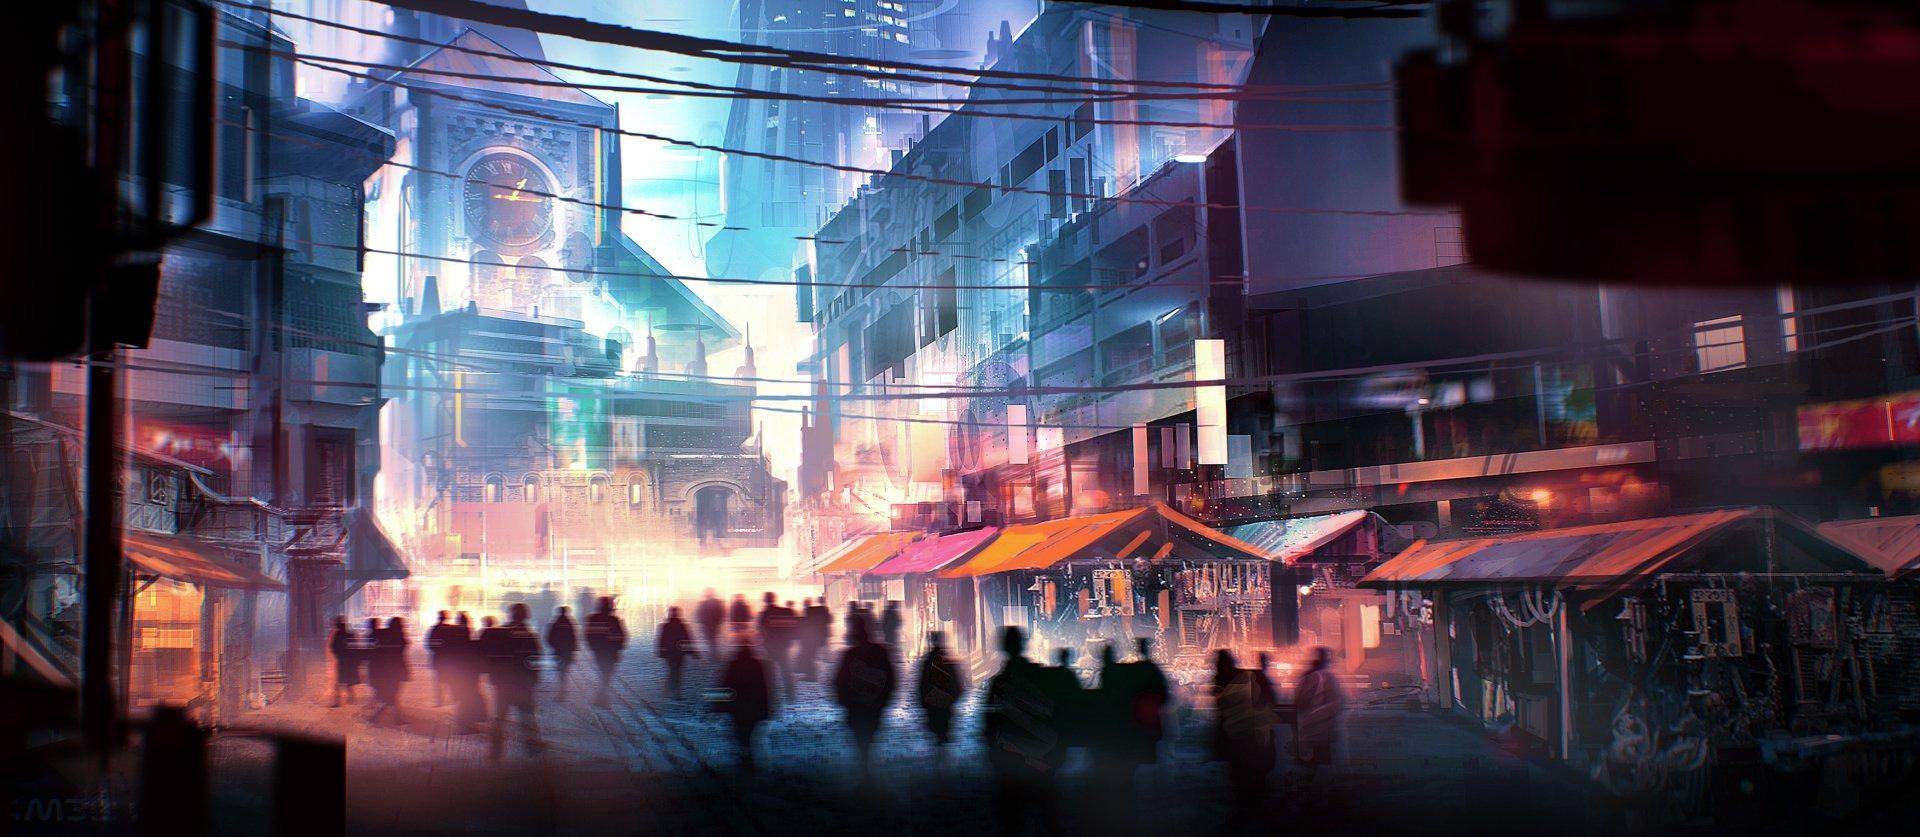 Hong Kong Iphone X Wallpaper Market Street Under The Clock Hd Wallpaper Background